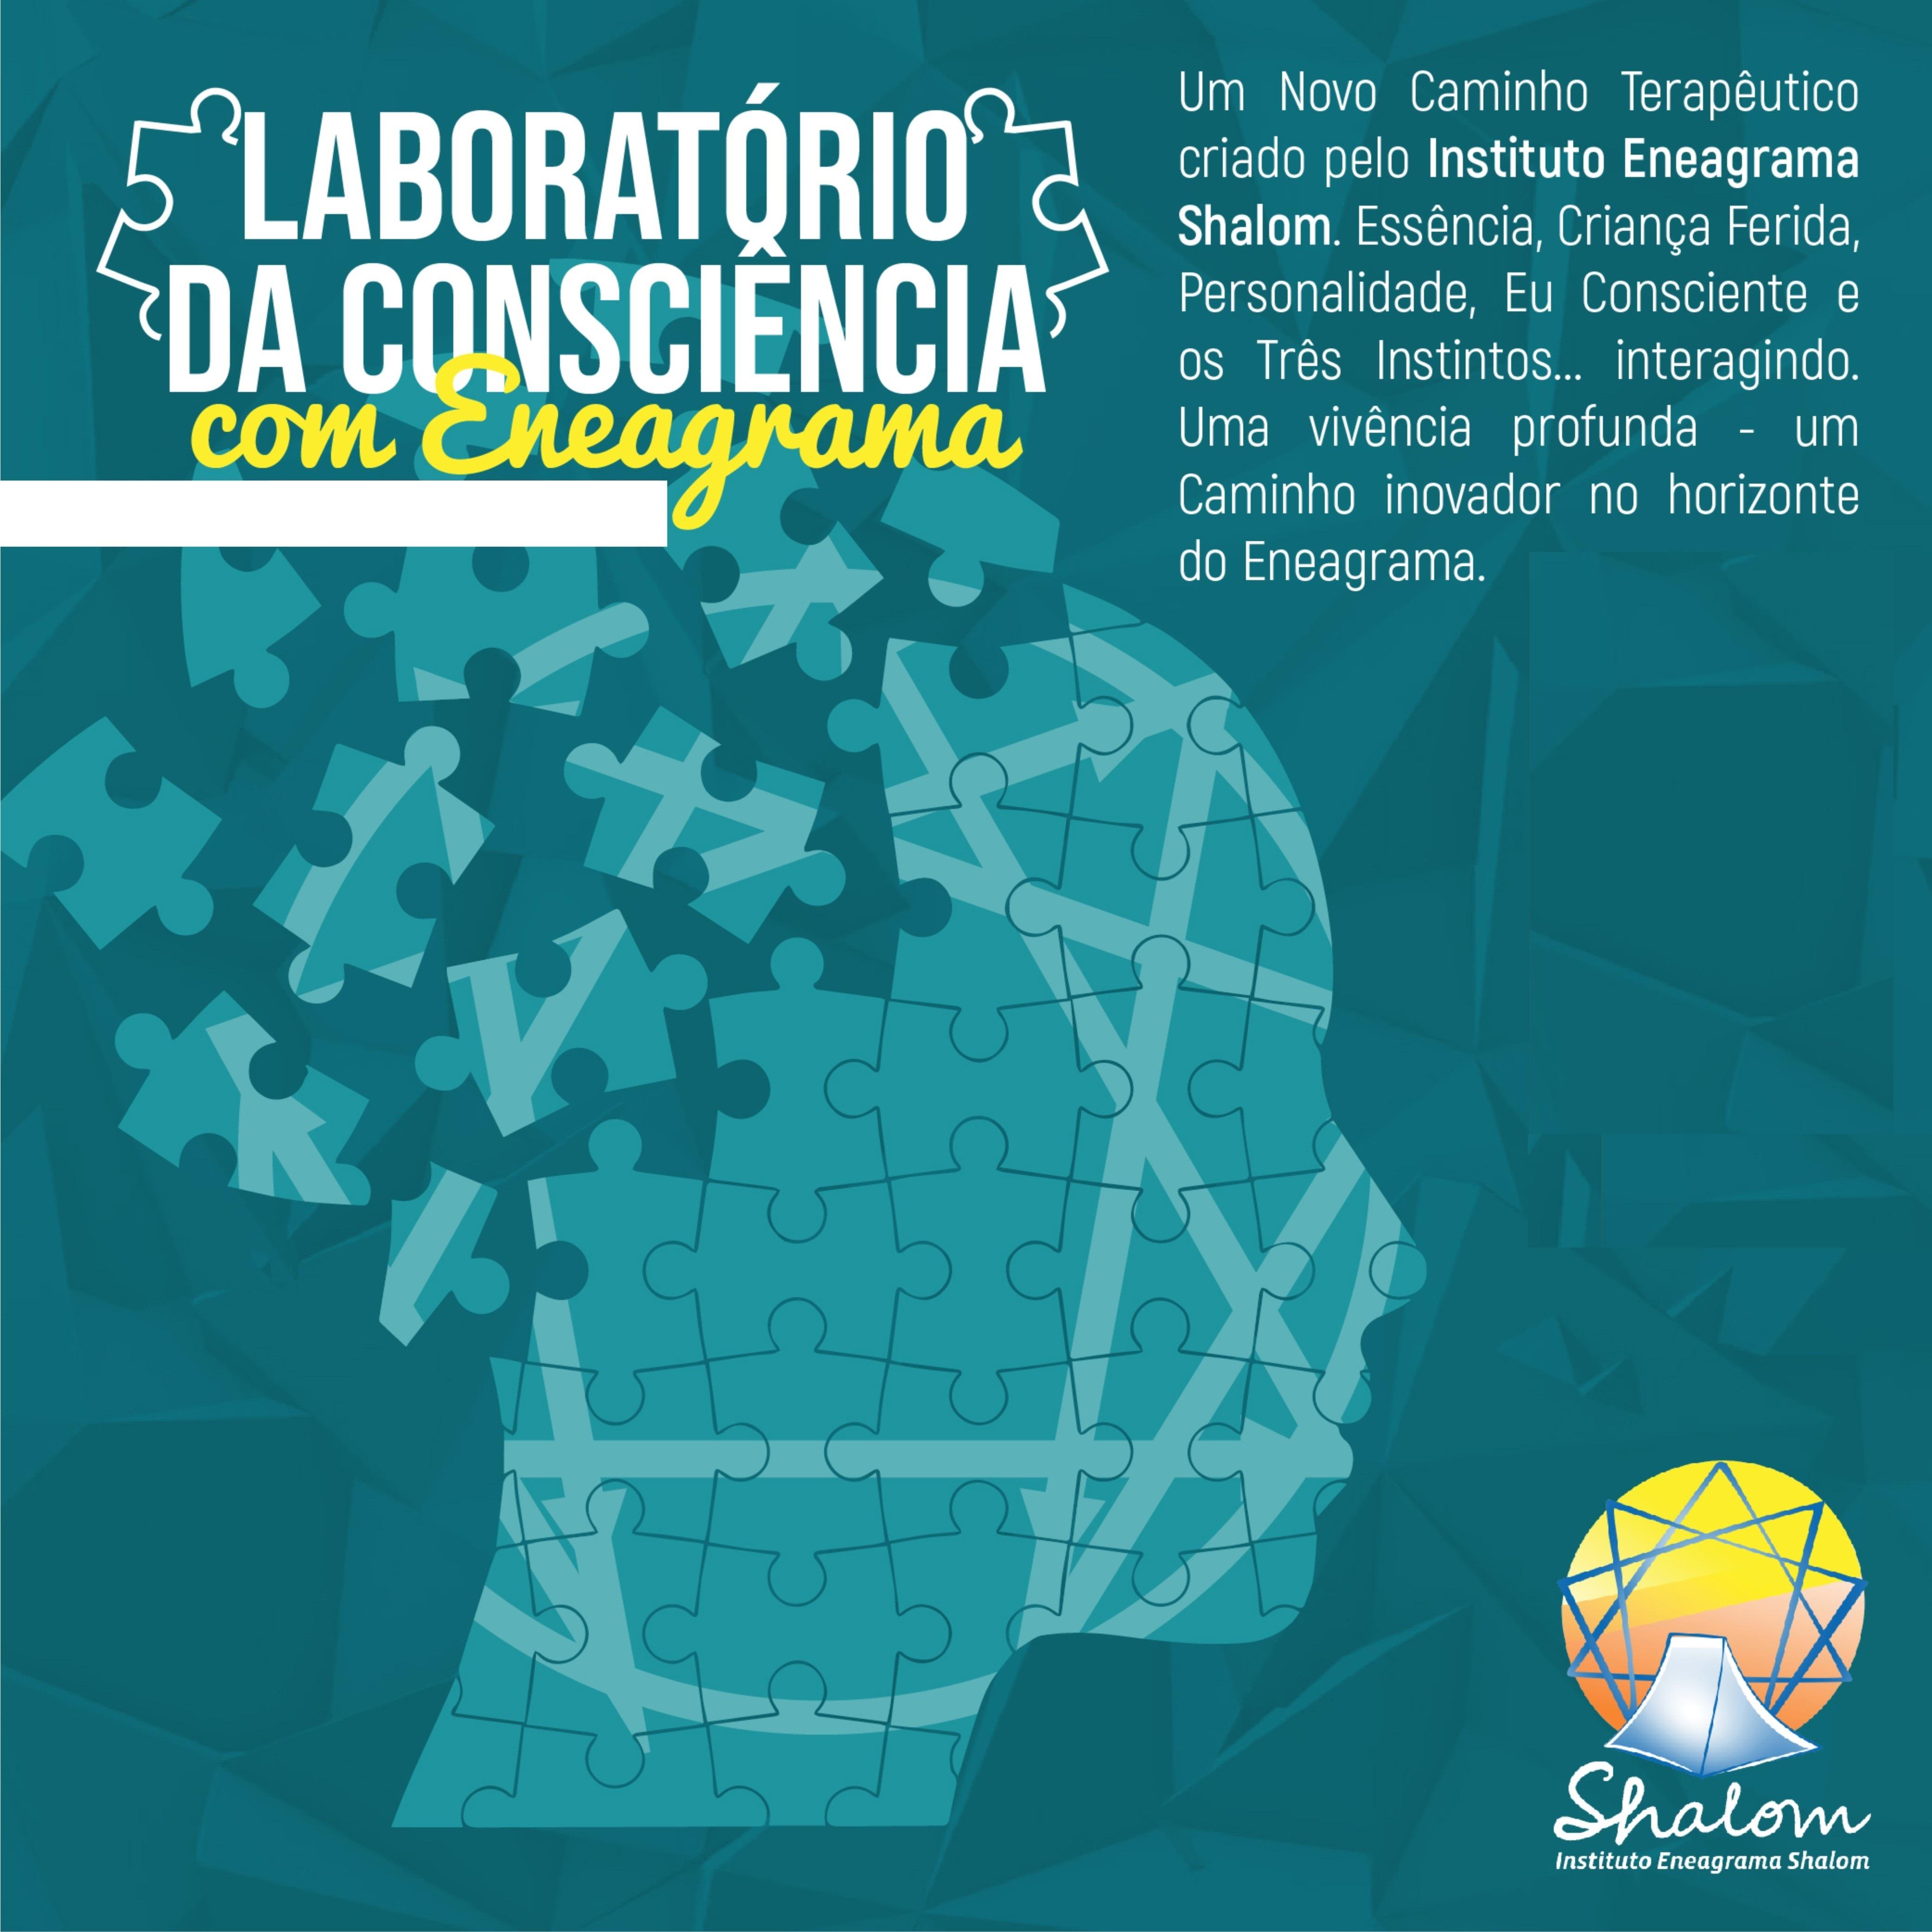 LABORATÓRIO DA CONSCIÊNCIA COM ENEAGRAMA